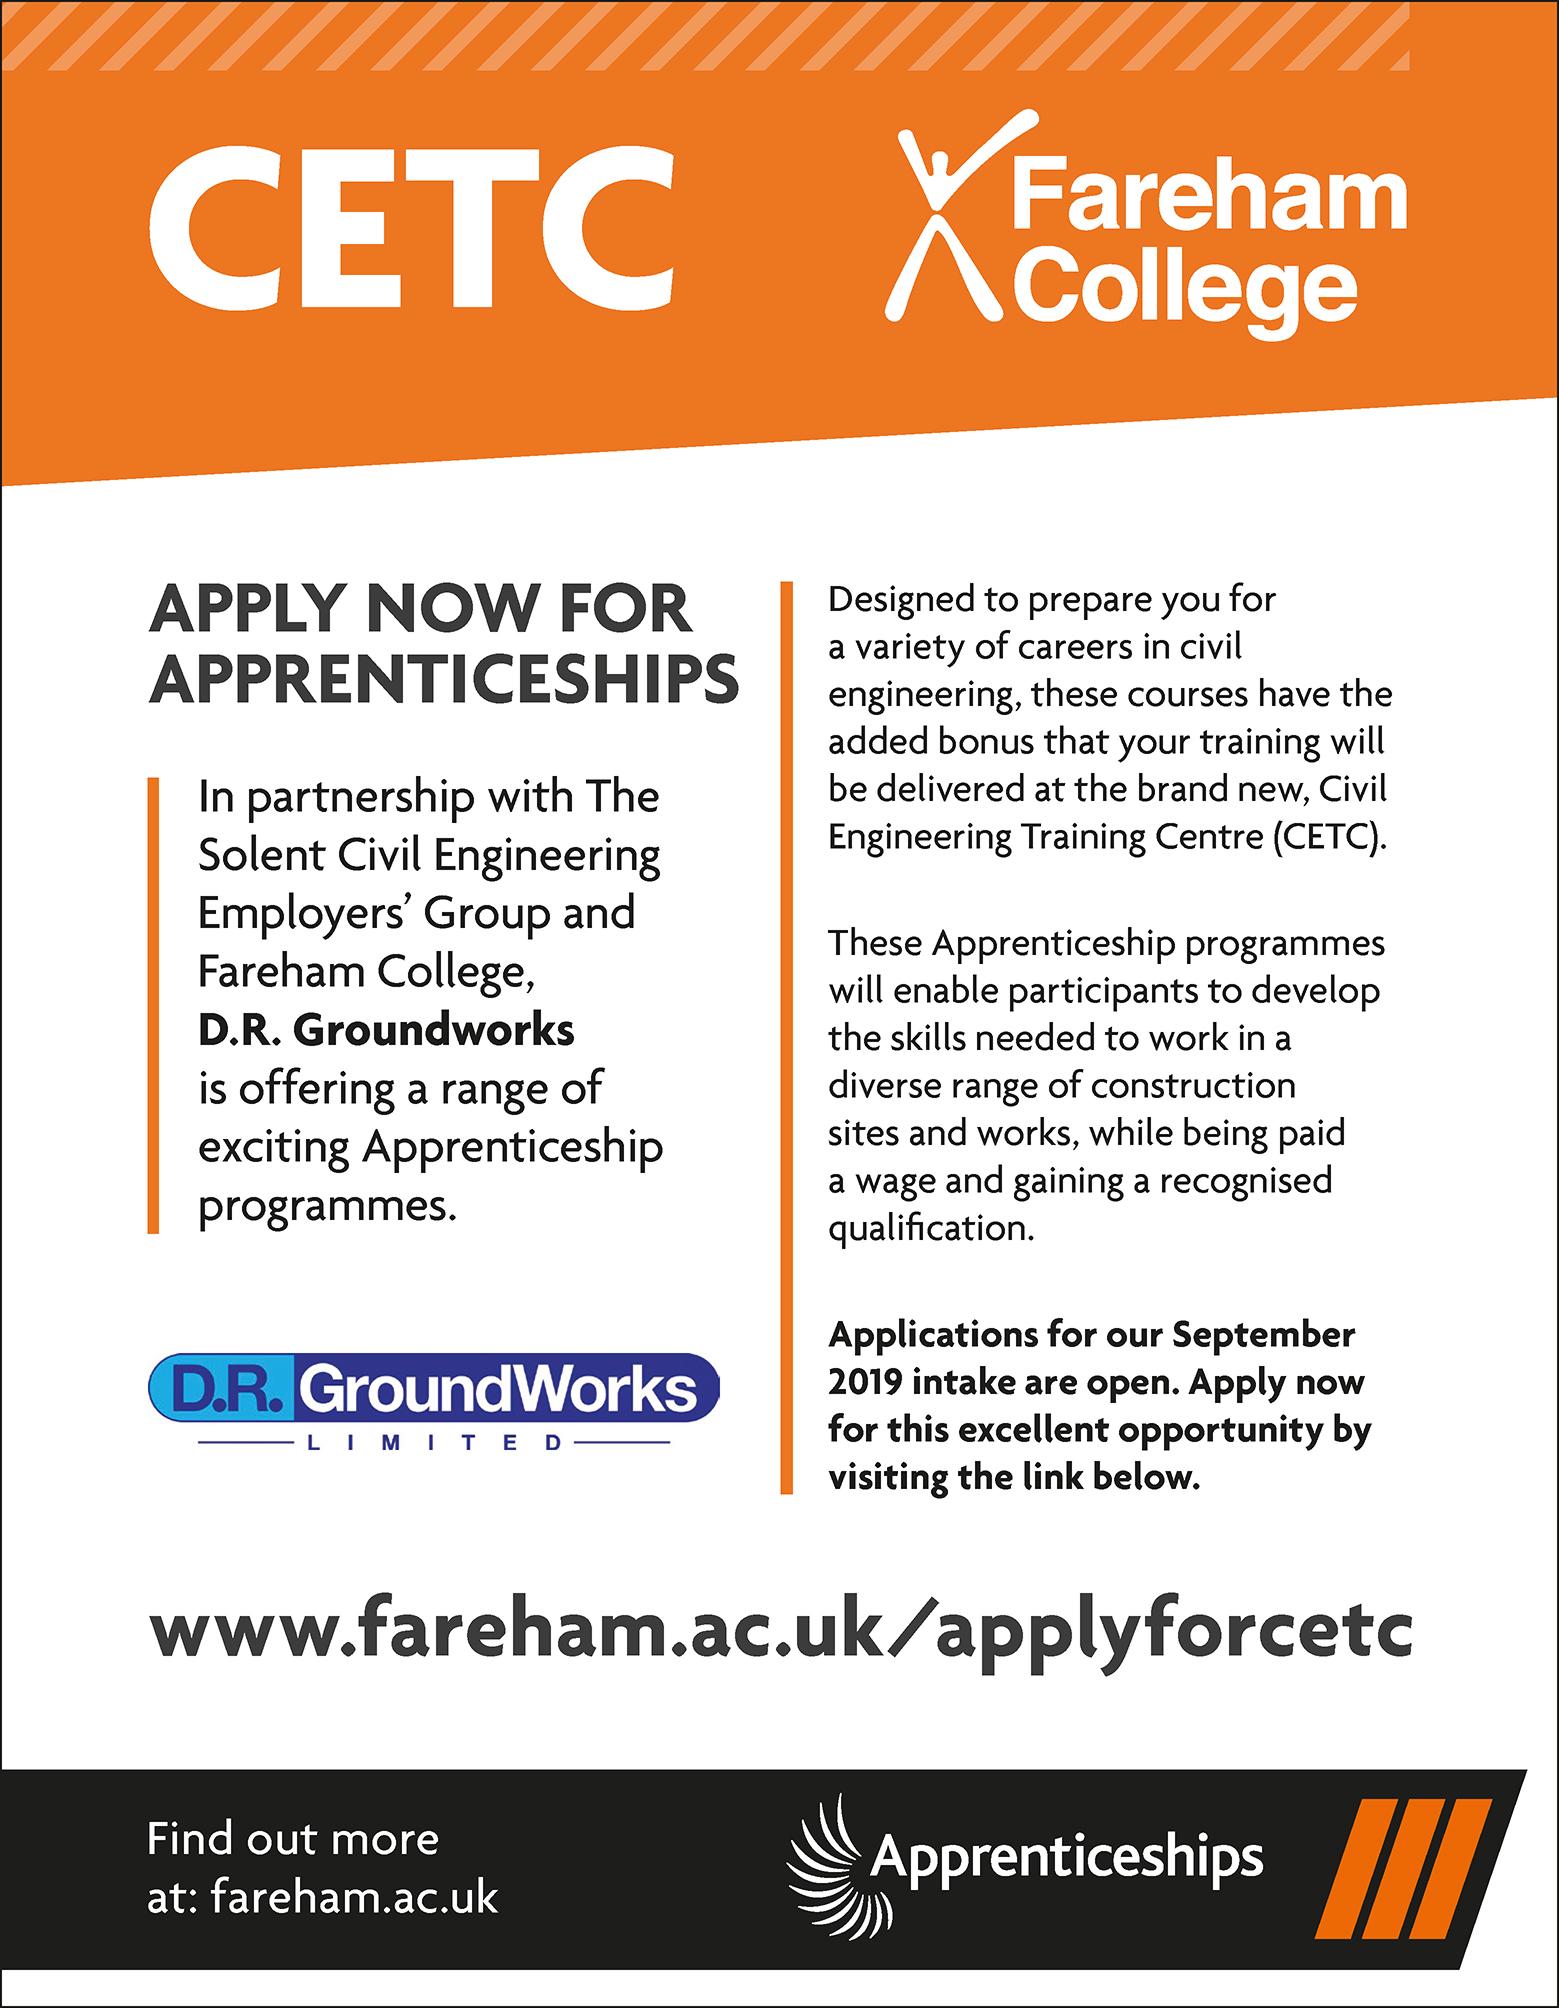 CETC Civil Engineering Apprenticeships Hampshire